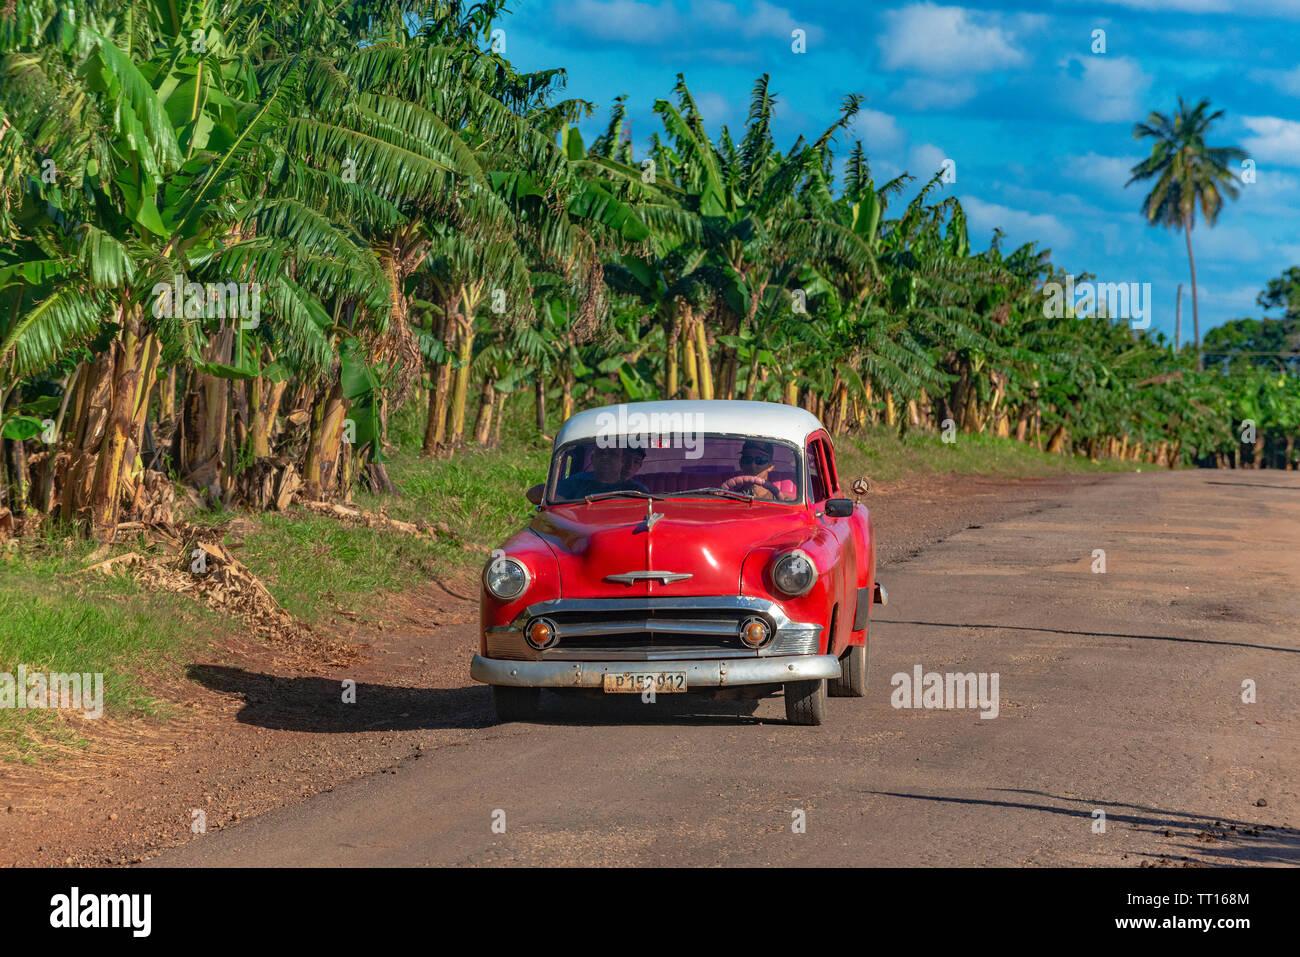 Voiture cubaine classique passant devant une plantation de bananes sur la route de Vinales à Palma Rubia (Cayo Levisa) Pinar del Rio Province, Cuba Banque D'Images